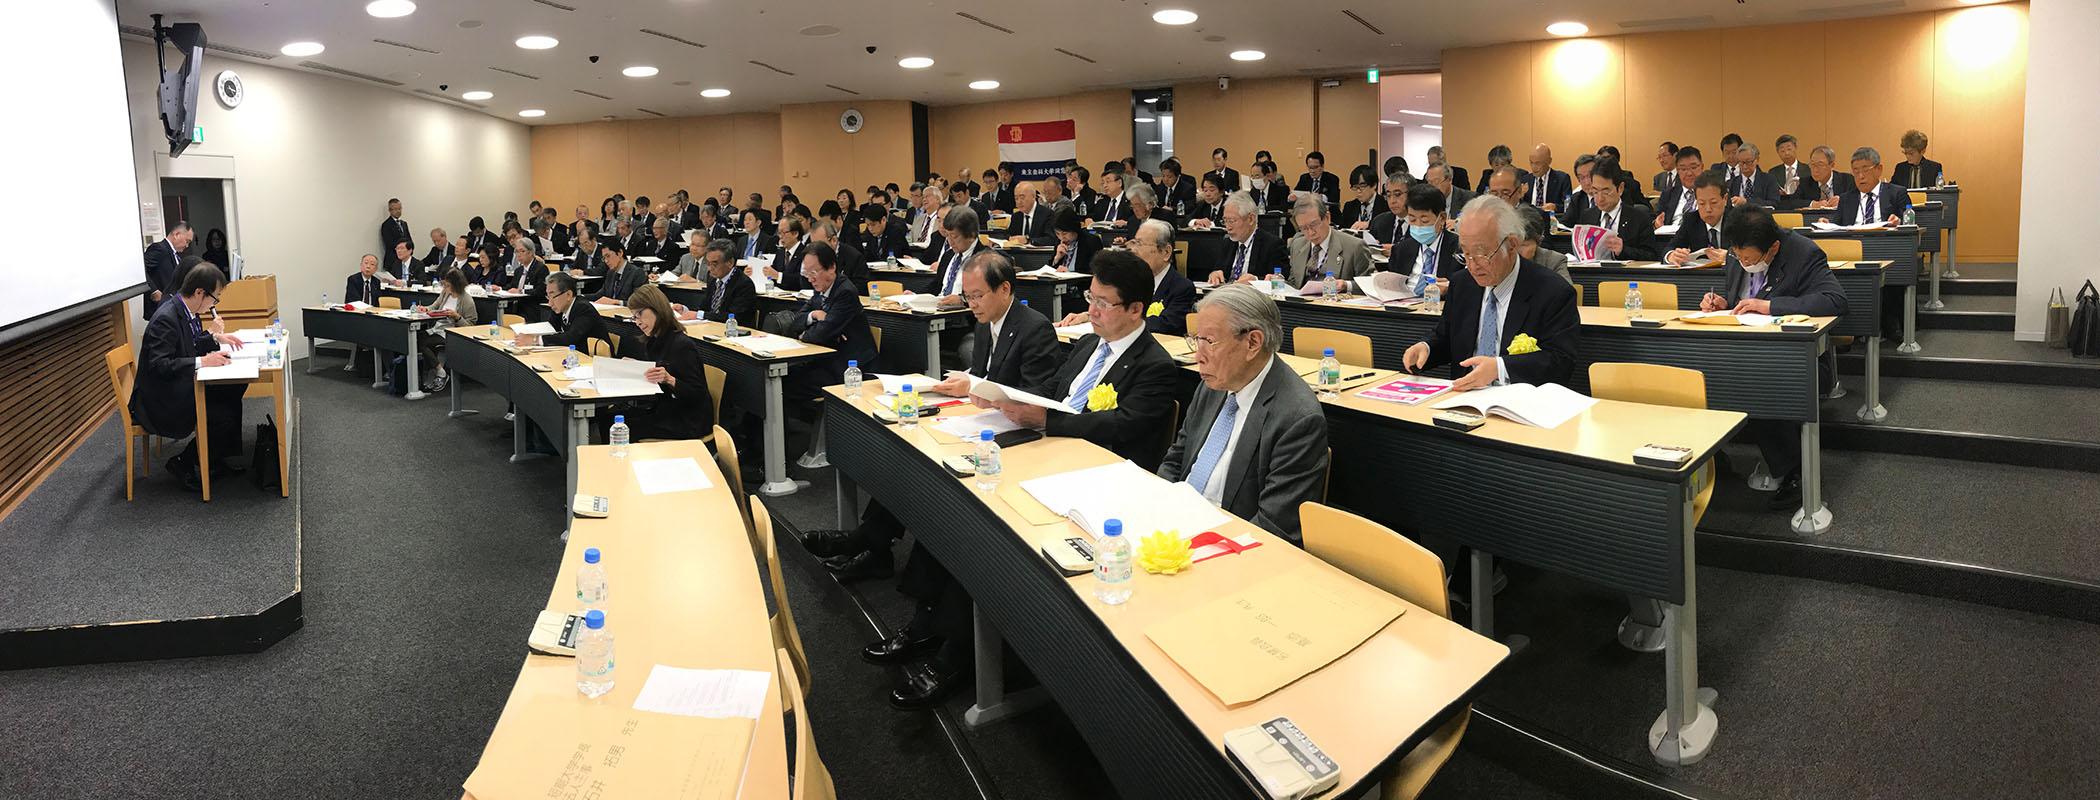 令和元年度 東京歯科大学同窓会都道府県代表者会・評議員会 開催(平成30年11月18日)《写真ギャラリー》